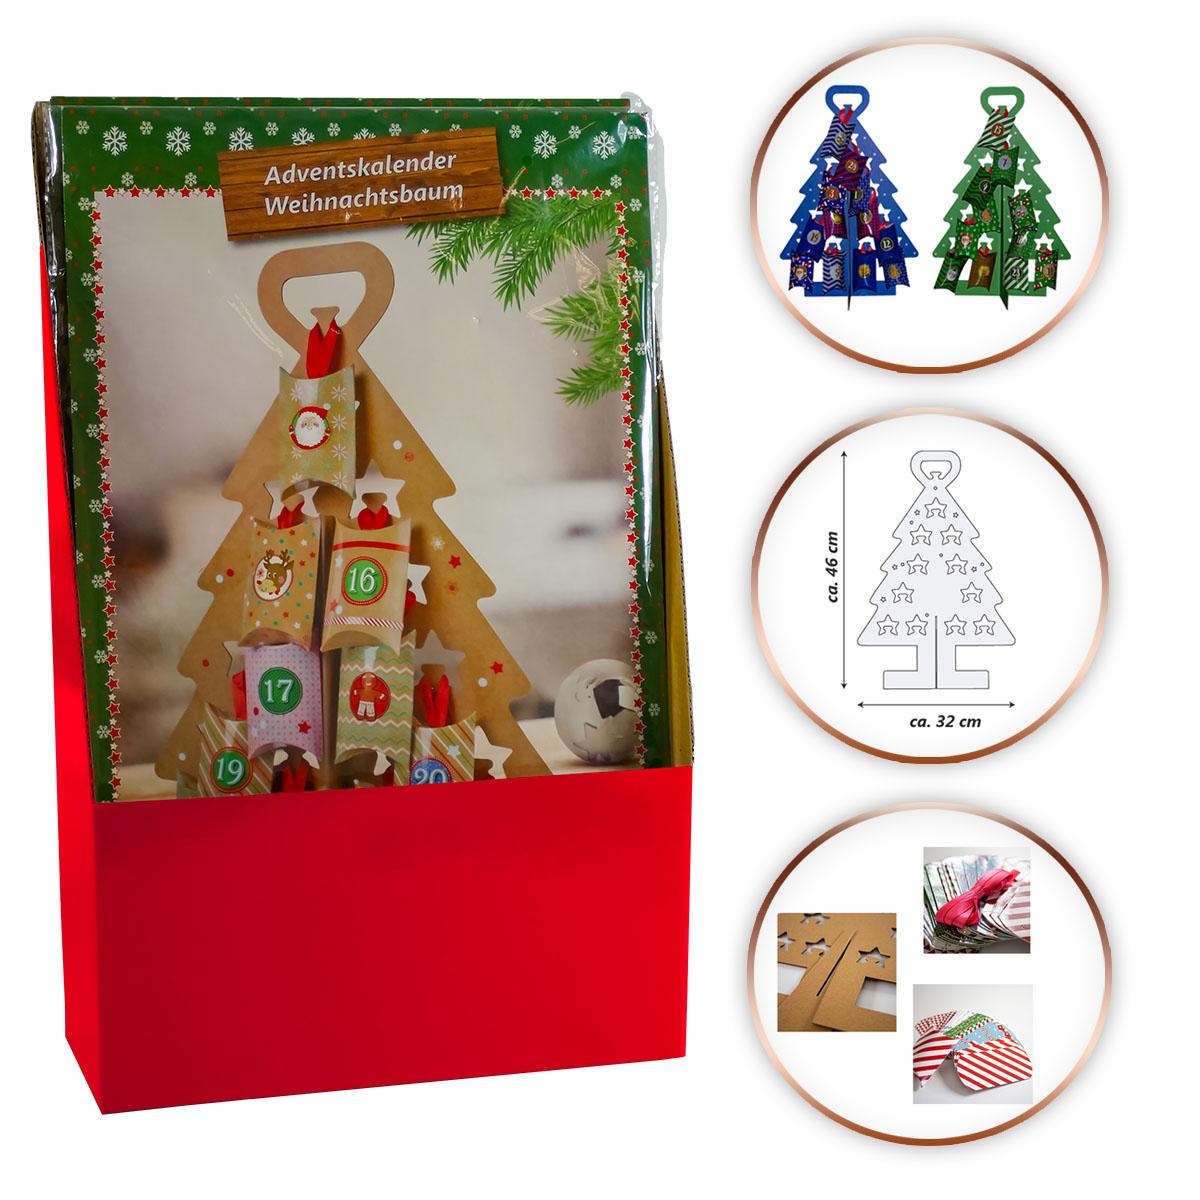 12-tlg. Verkaufsdisplay Adventskalender Weihnachtsbaum Image